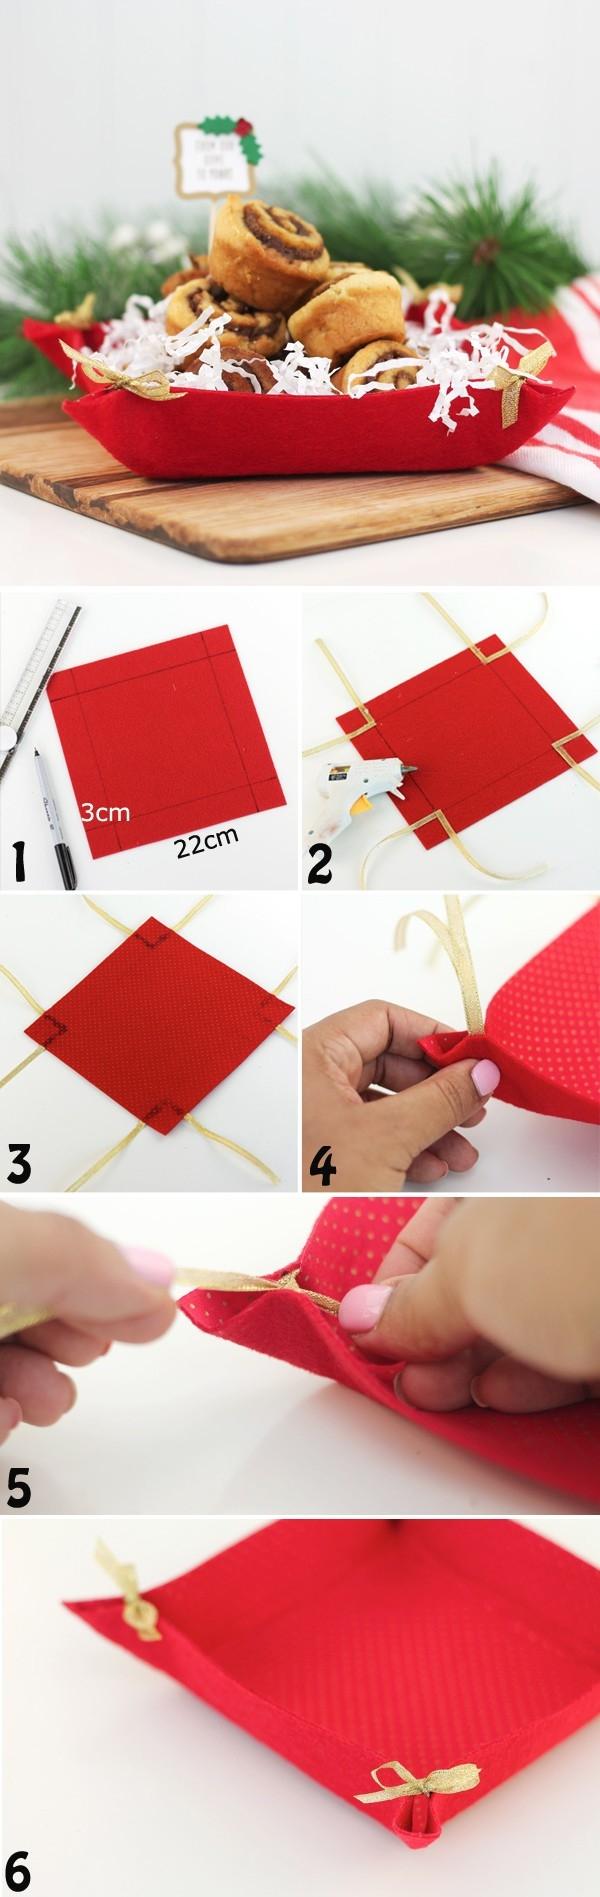 Hướng dẫn bạn làm đồ trang trí Noel cực đẹp đơn giản, dễ làm giúp Noel thêm ý nghĩa 4